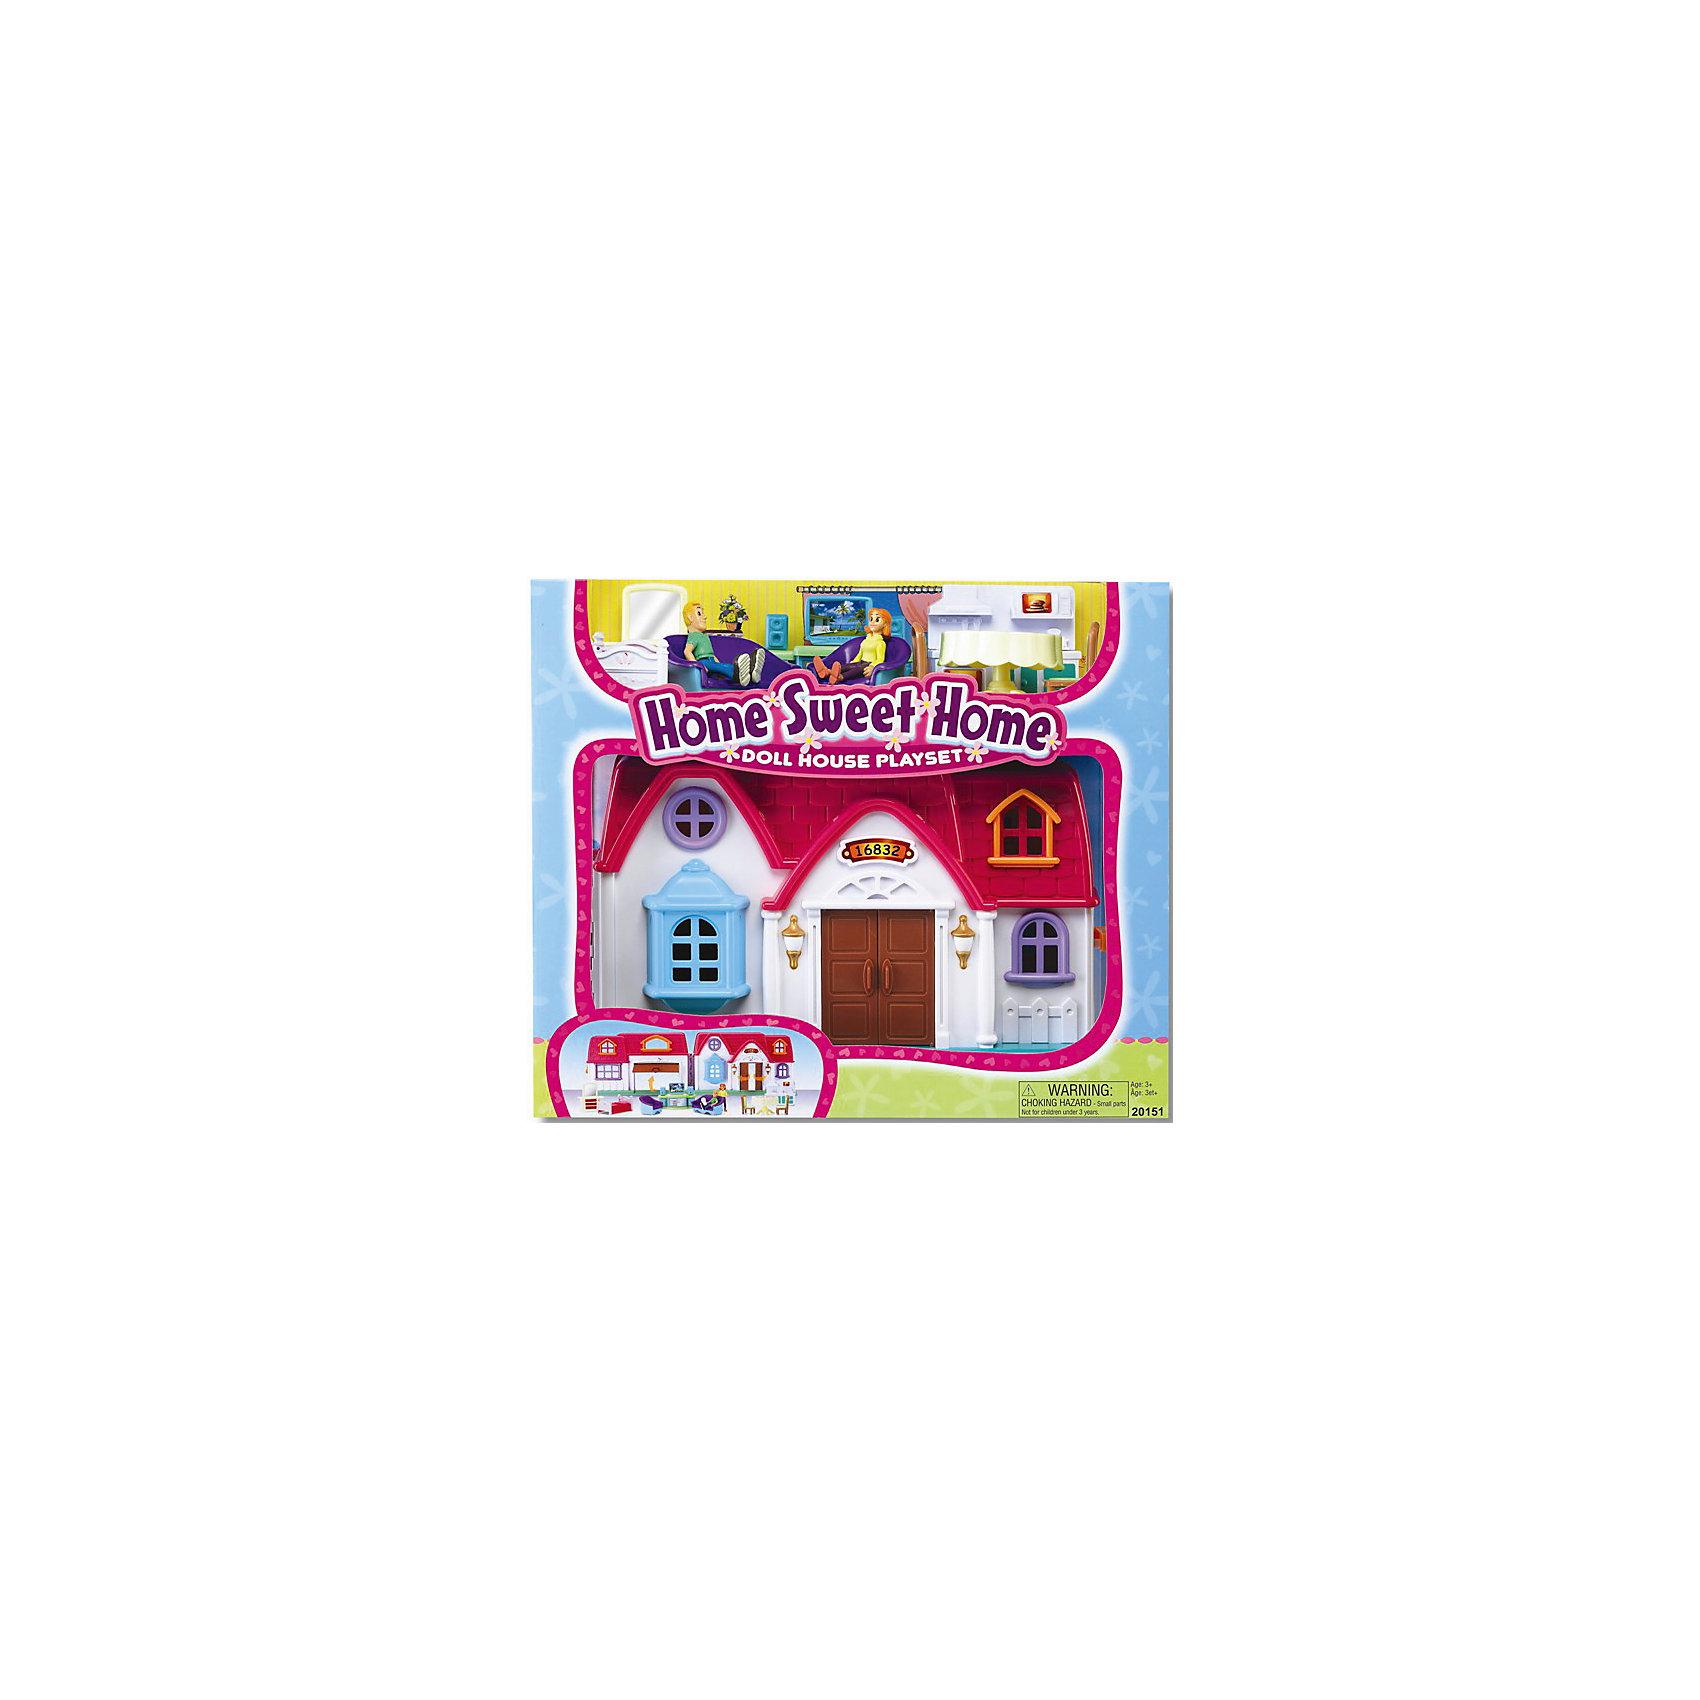 Набор Дом с предметами, KeenwayНабор Дом с предметами, Keenway (Кинвей) – яркий привлекательный коттедж с входными и гаражными дверями, и множеством аксессуаров для игры.<br>Игровой набор «Дом с предметами» от Keenway (Кинвей) – это милый красочный домик для дружной семьи! В нем живет супружеская пара – две подвижные фигурки, которые находятся в комплекте. Дом раскрывается подобно книге, что позволяет в разложенном виде расположить фигурки и расставить мебель. На одной раскладной части домика есть крыльцо и вход в гостиную, на другой - дверь гаража. Входная дверь и гаражные ворота открываются. Обустроить дом можно очень уютно, ведь в набор входит множество деталей интерьера. Для спальни расположенной на втором этаже - кровать и туалетный столик с зеркалом. Для кухни - обеденный стол со стульями и кухонный гарнитур с плитой, раковиной, микроволновой печью, тостером. Для гостиной - диван, кресло и домашний кинотеатр. Ваша малышка будет очень увлечена различными возможными комбинациями. Ведь мебель можно переставлять по своему вкусу и усмотрению. Домик закрывается на защелку и через окошко можно наблюдать, как поживают маленькие человечки. Сюжетно-ролевая игра помогает развить речь, моторику и координацию движений, логику, внимание и воображение, а так же способствует социальной адаптации ребенка. Домик сделан добротно, из прочного материла, что является гарантией долгого срока службы игрушки. Продукция сертифицирована, экологически безопасна для ребенка, использованные красители не токсичны и гипоаллергенны.<br><br>Дополнительная информация:<br><br>- В наборе: дом, две фигурки мужчины и женщины с подвижными частями тела, обеденный стол с 2 стульями, тумба с домашним кинотеатром, диван, кресло, кровать, туалетный столик с зеркалом, кухонный гарнитур<br>- Размер дома: 29 х 19 х 12 см.<br>- Высота кукол: 7 см.<br>- Материал: пластик<br>- Размер упаковки: 38 х 34 х 17 см.<br>- Вес: 1825 гр.<br><br>Набор Дом с предметами, Keenway (Кинвей) можно купить в нашем интернет-мага